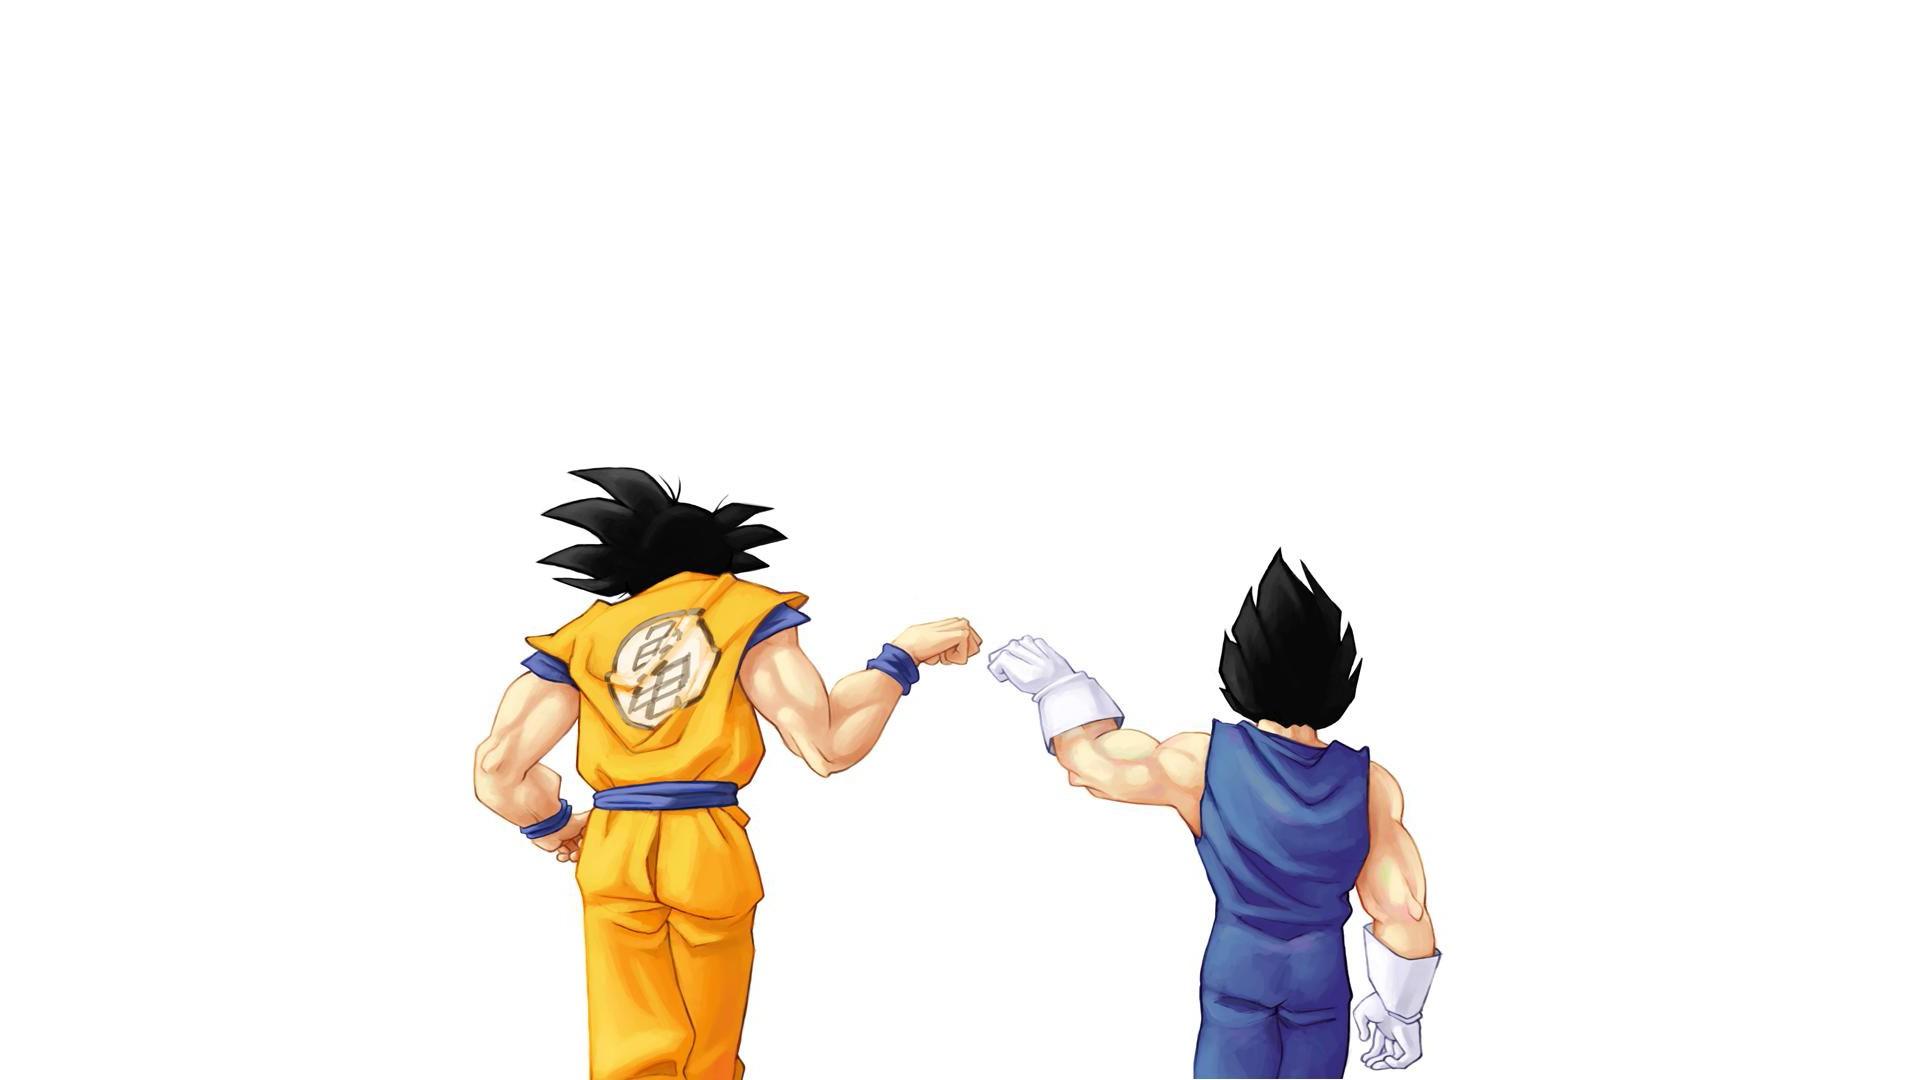 Anime hoạt hình Son Goku Đồ chơi bảy viên ngọc rông Người Vegeta phía sau  Tượng